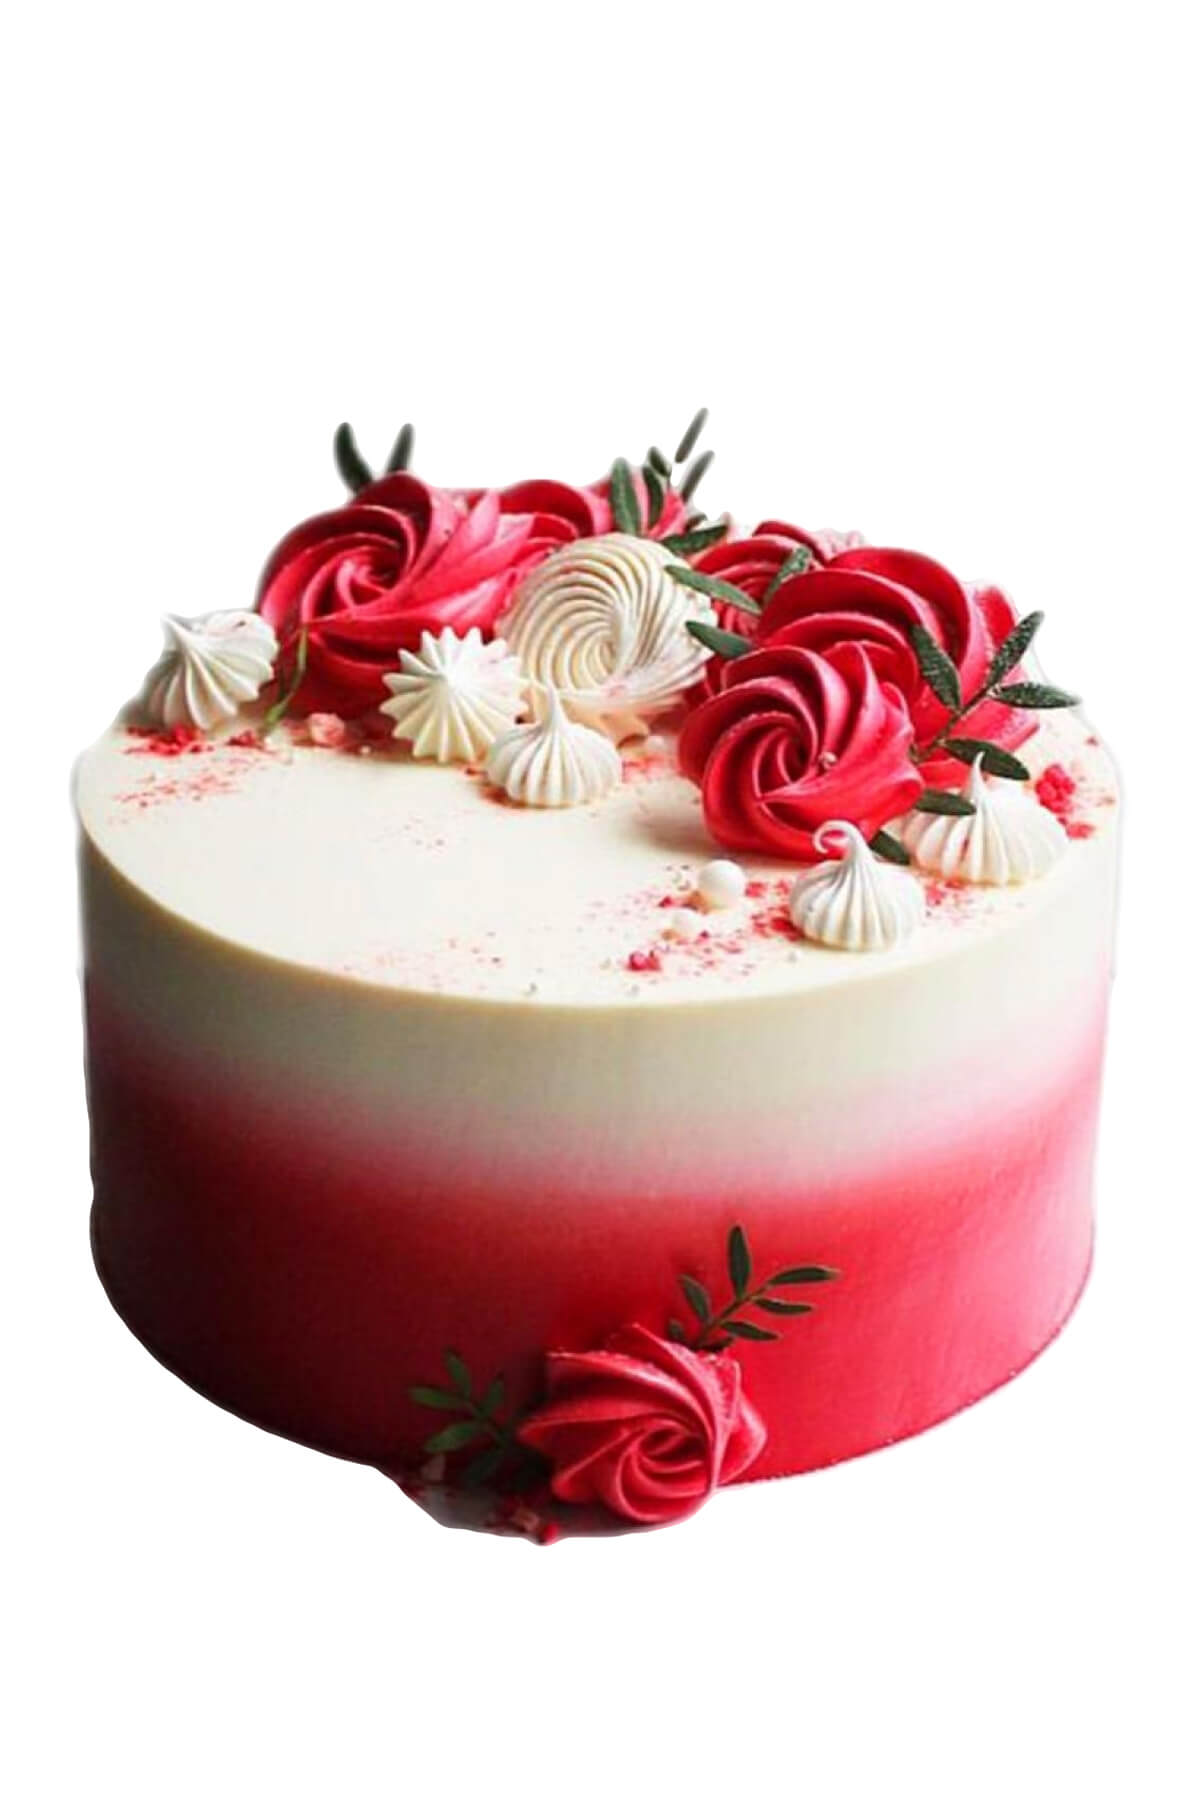 Bánh kem vườn hoa tông trắng đỏ đẹp quyến rũ